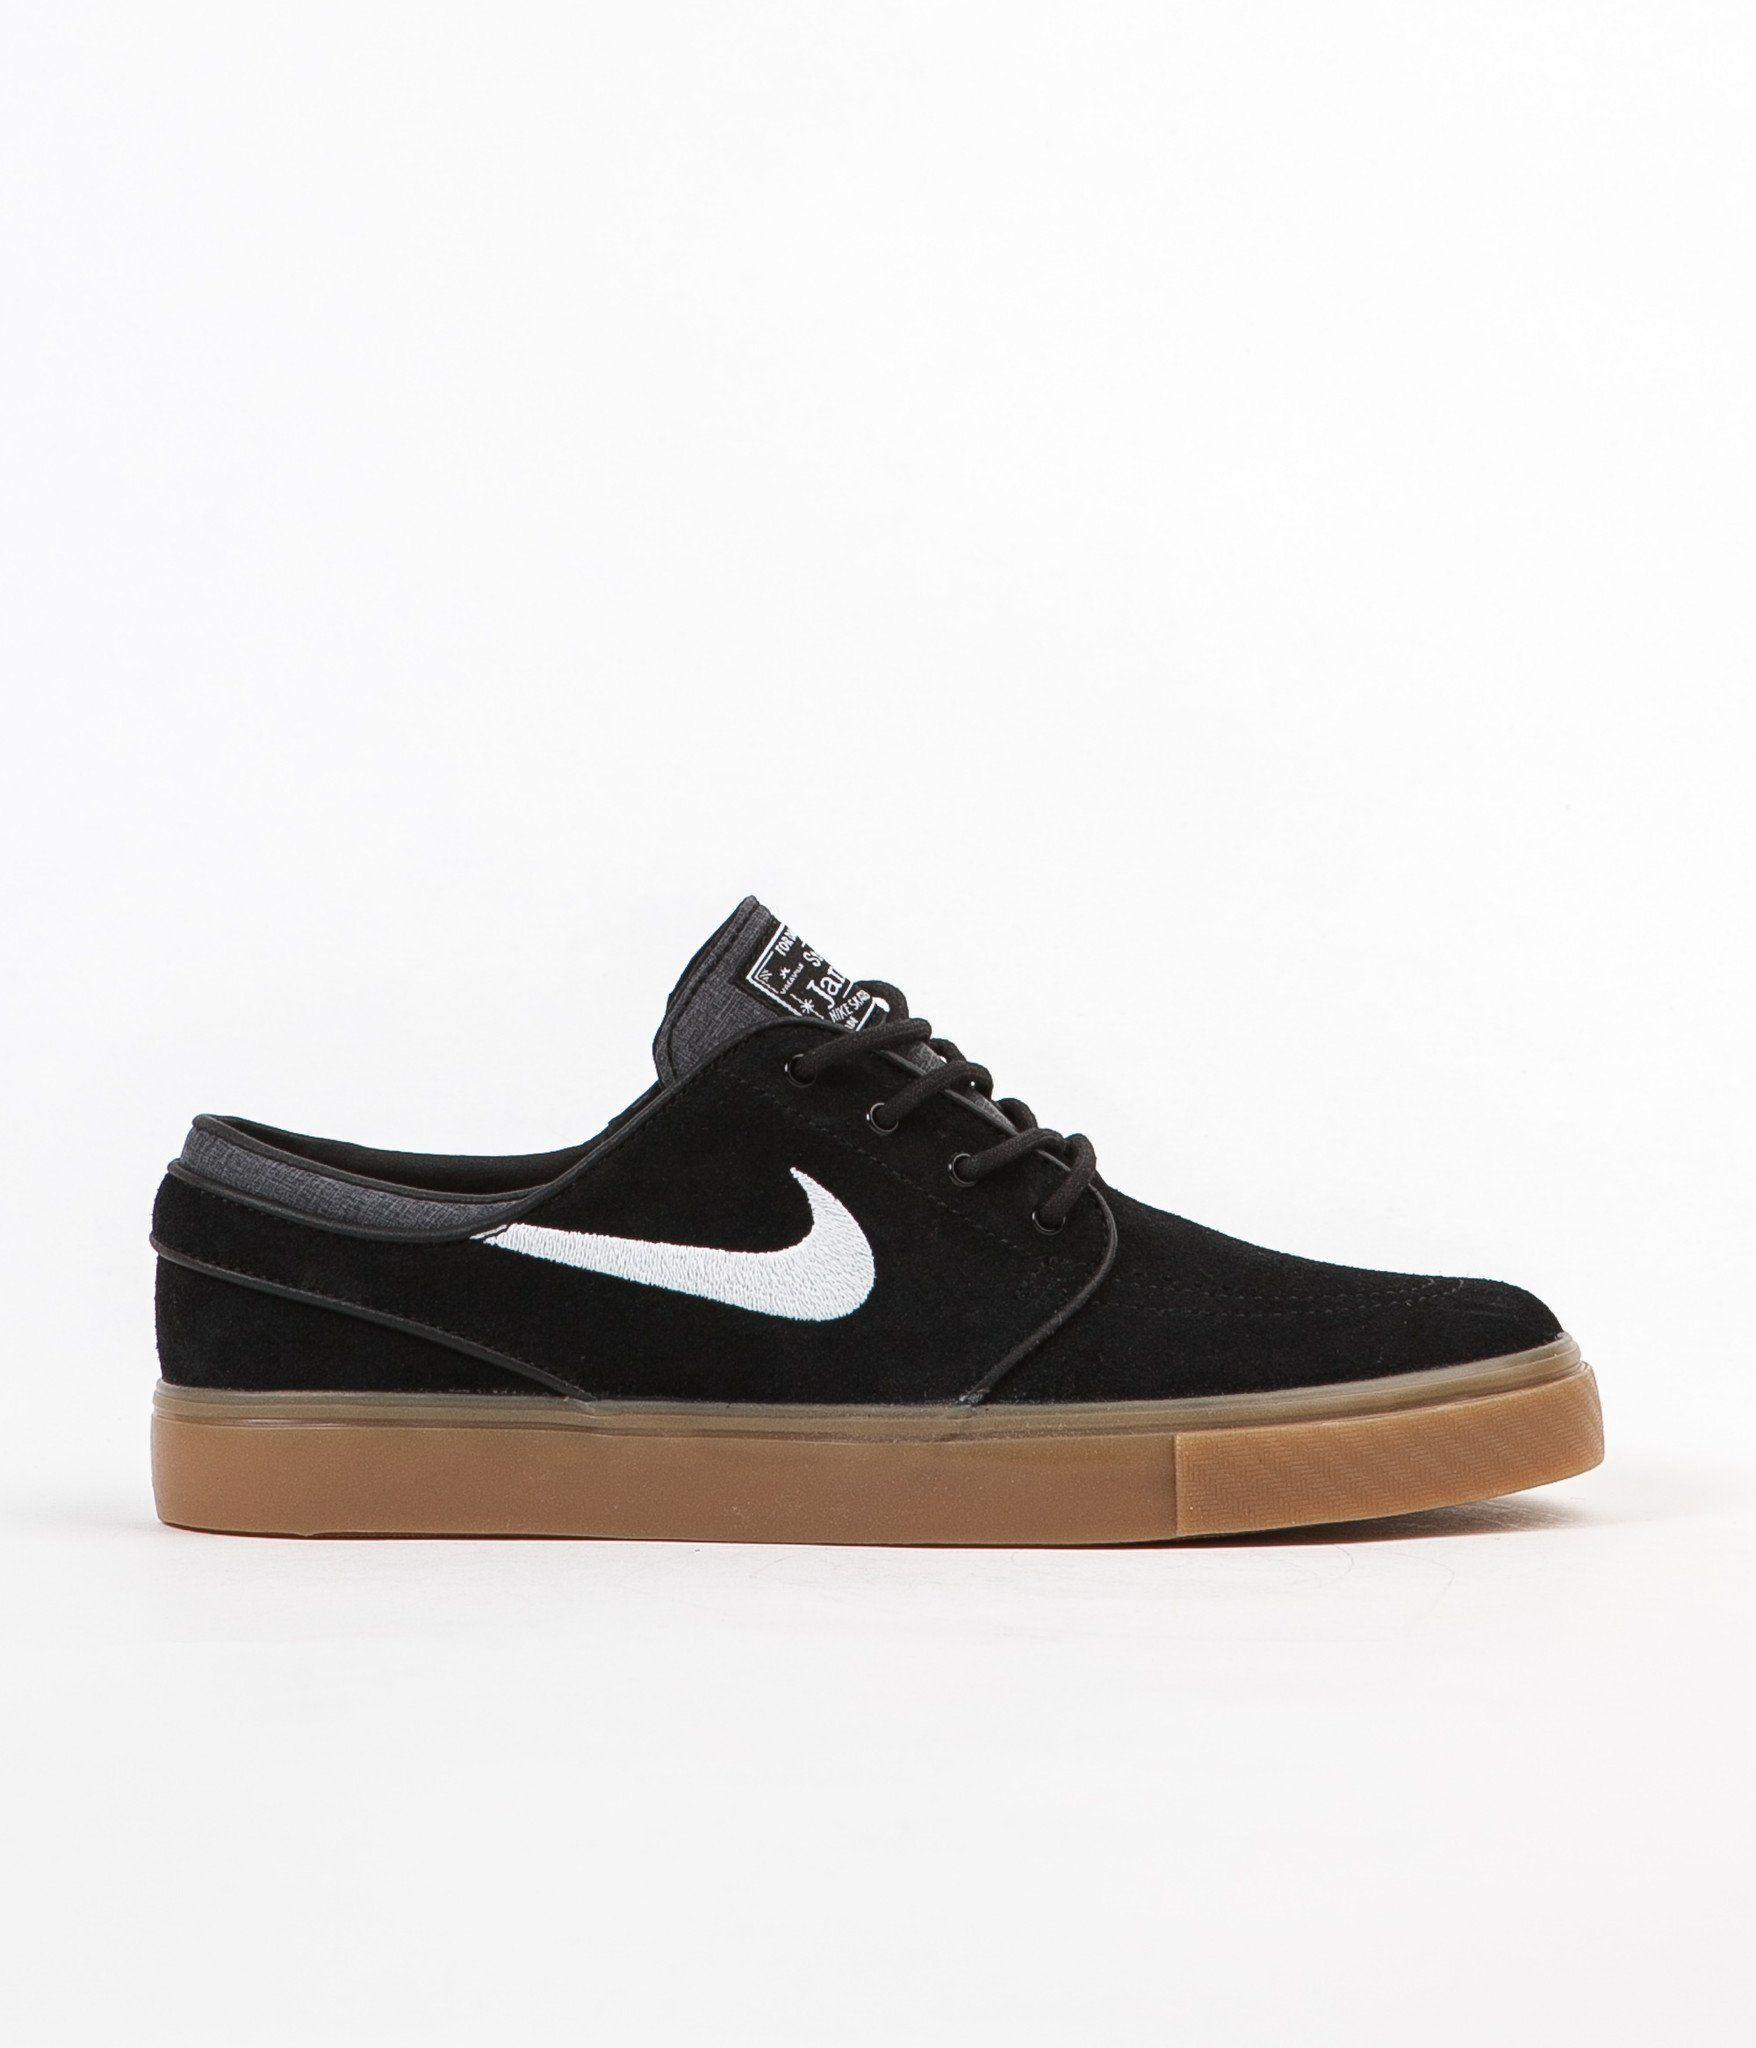 Nike Sb Stefan Janoski Shoes Black White Gum Light Brown Stefan Janoski Shoes Nike Janoski Nike